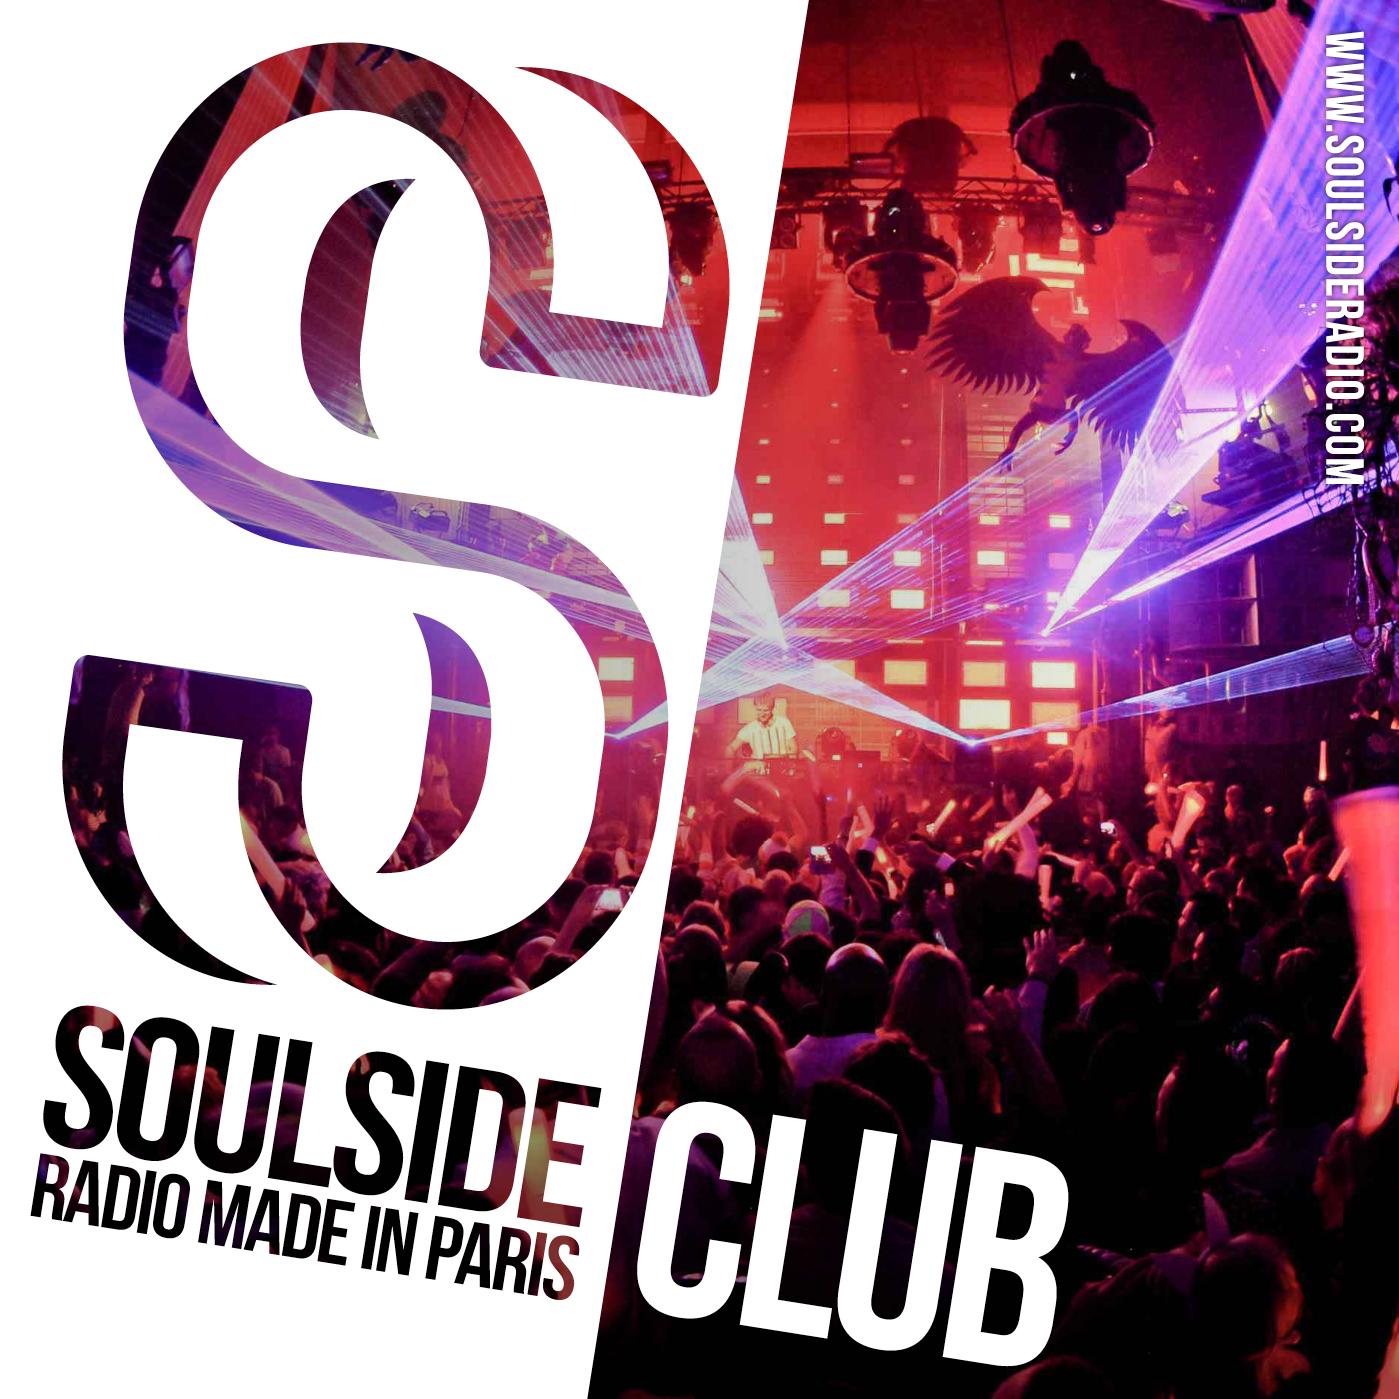 CLUB - Soulside Radio